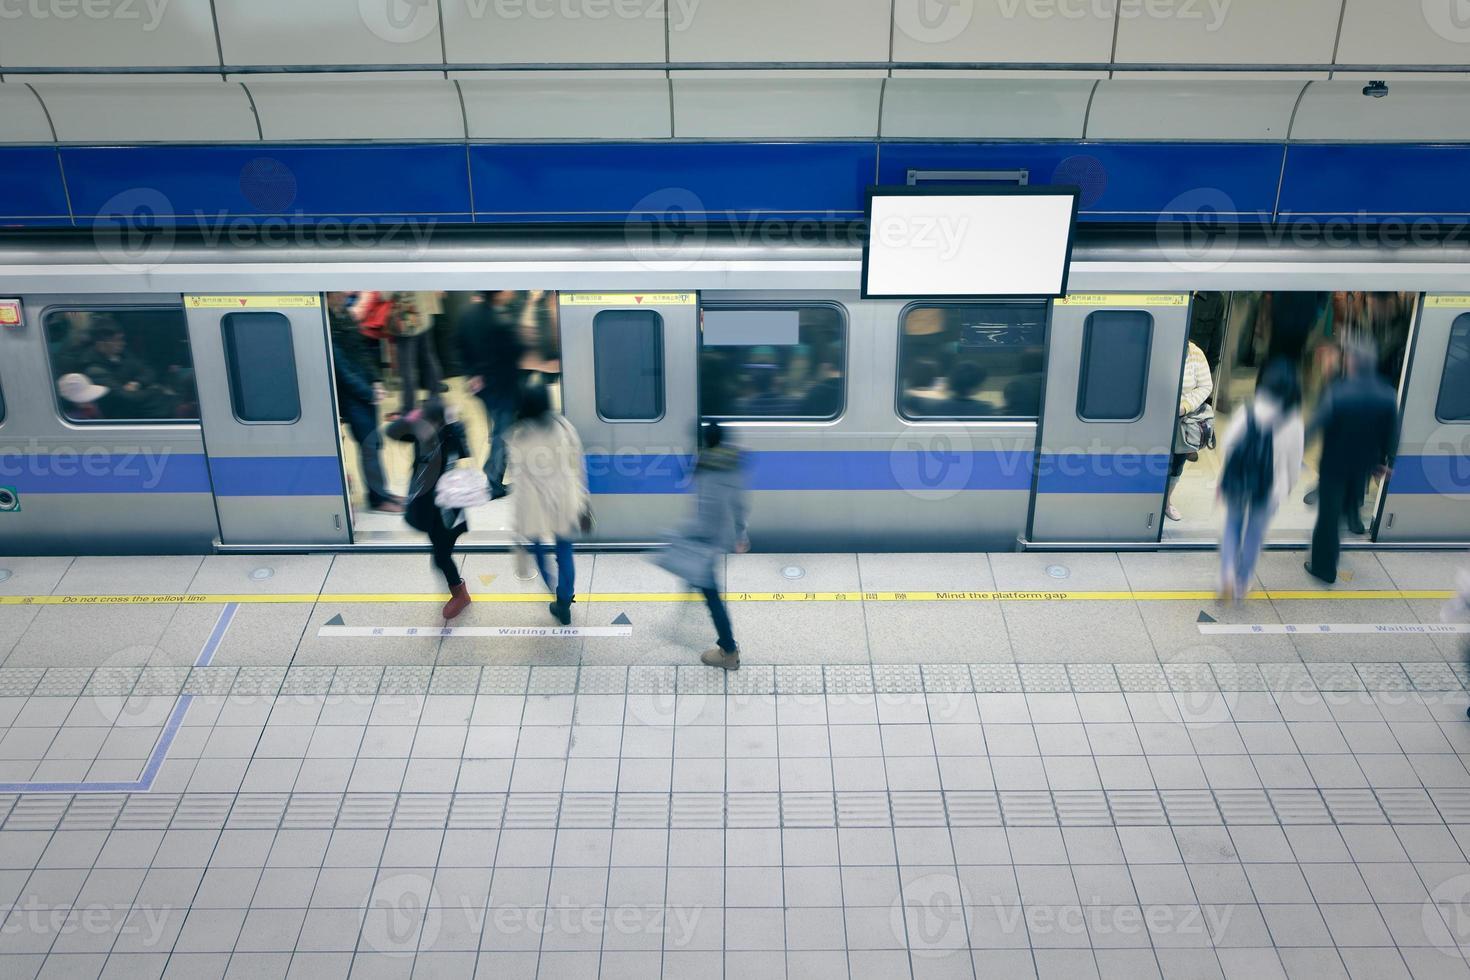 bewegende mensen stappen in het metrostation foto